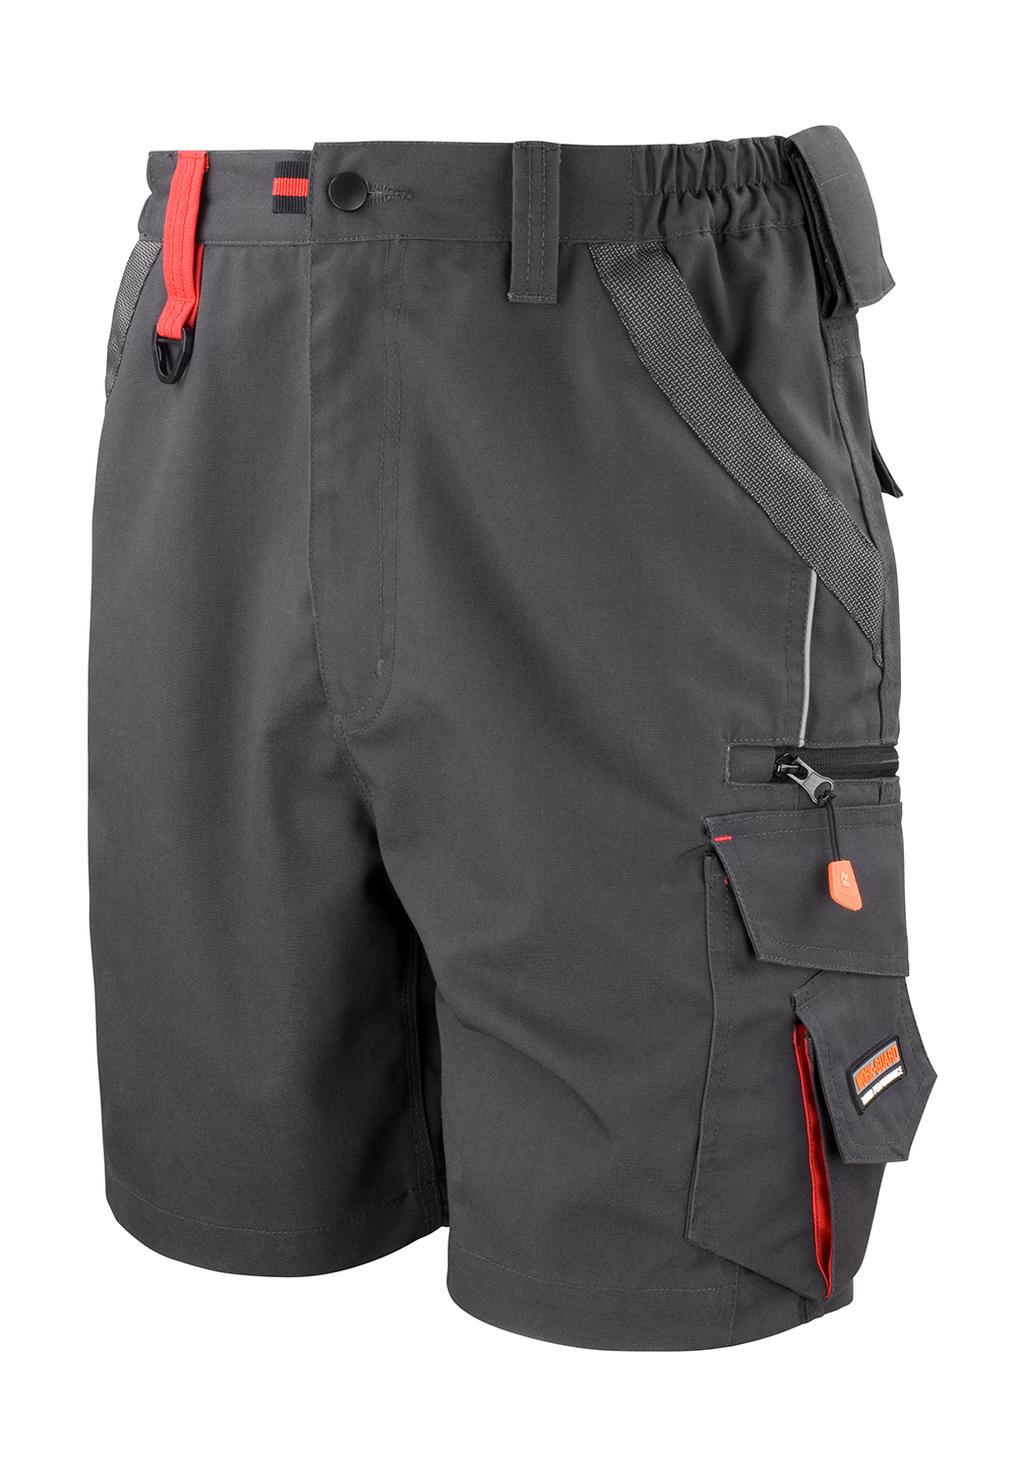 Pracovní šortky Work-Guard - zvìtšit obrázek